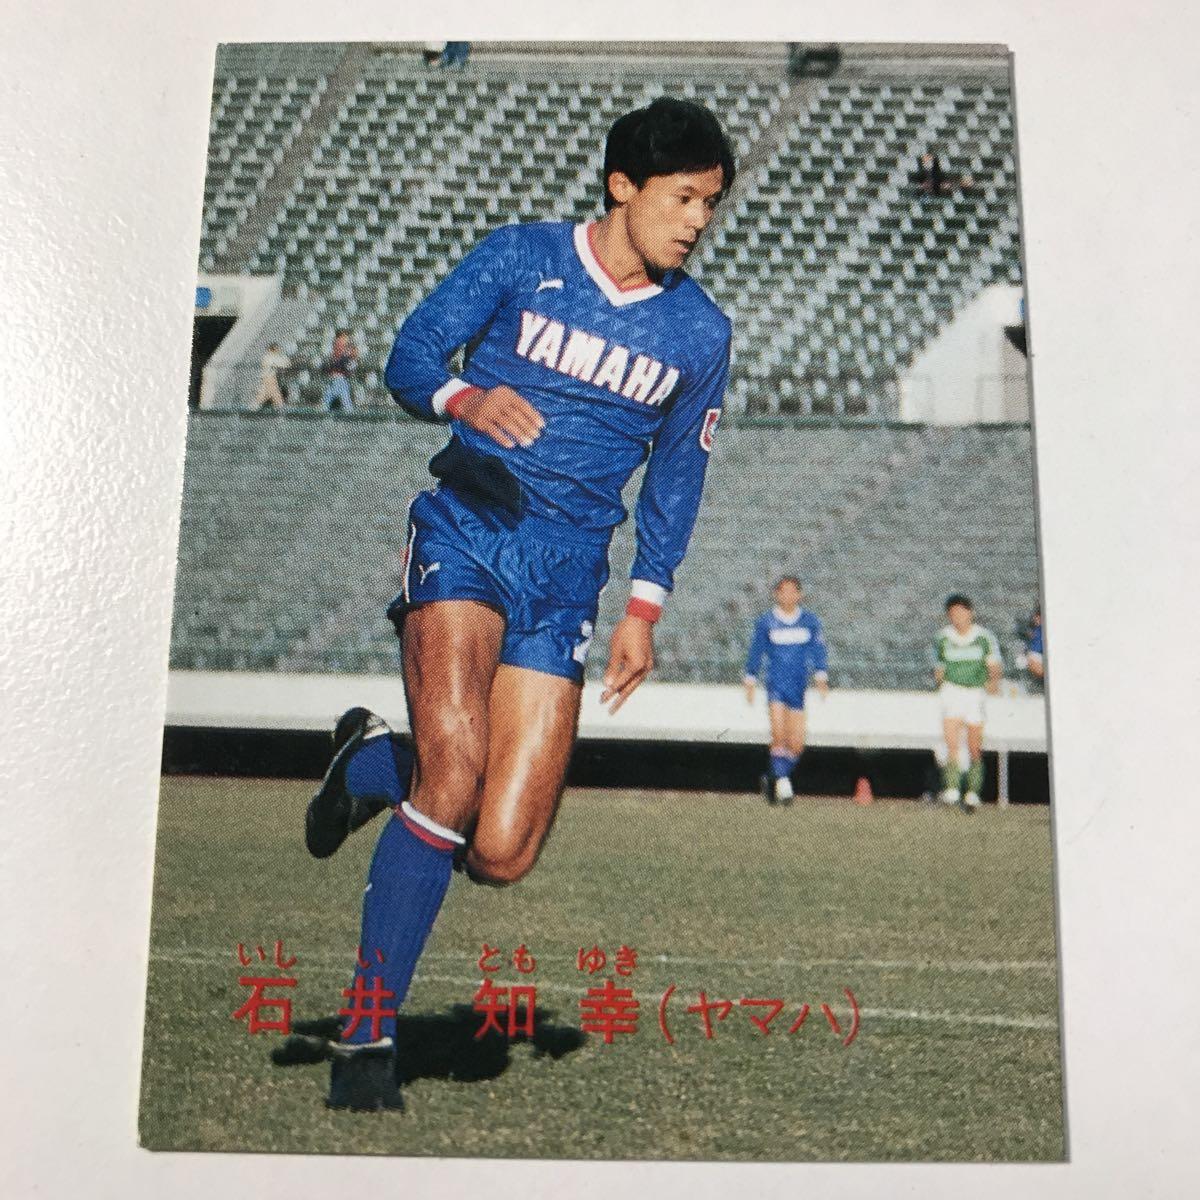 1989 カルビー サッカーチップス...